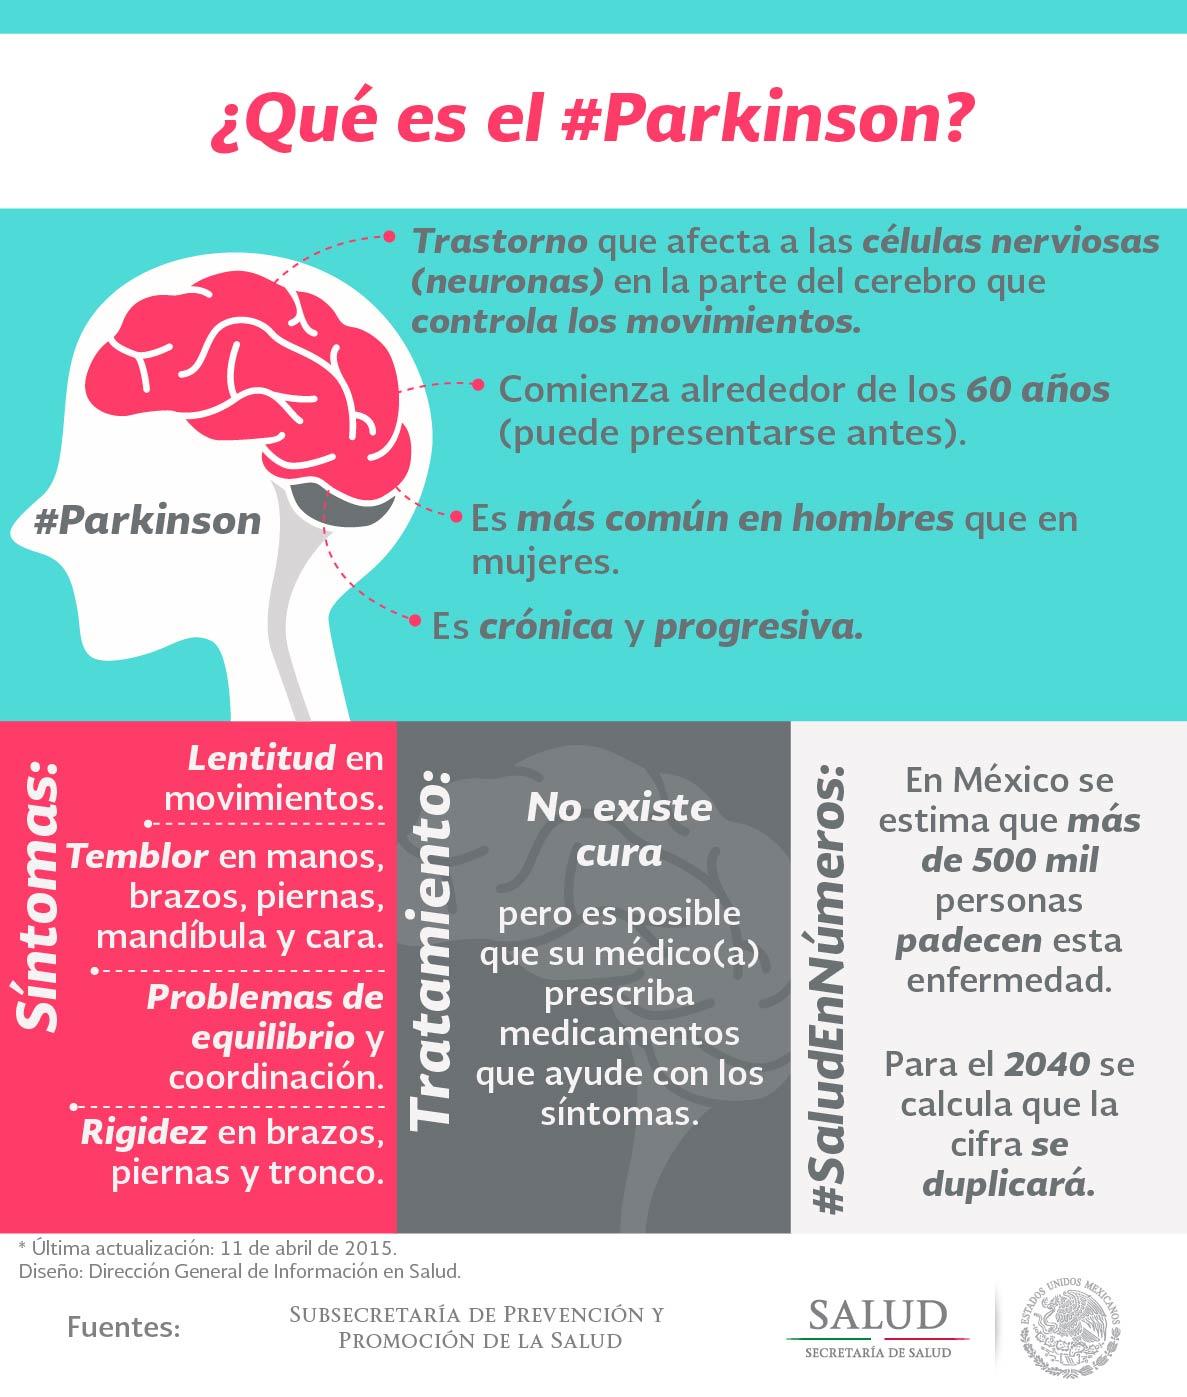 Qué es el Parkinson infografía